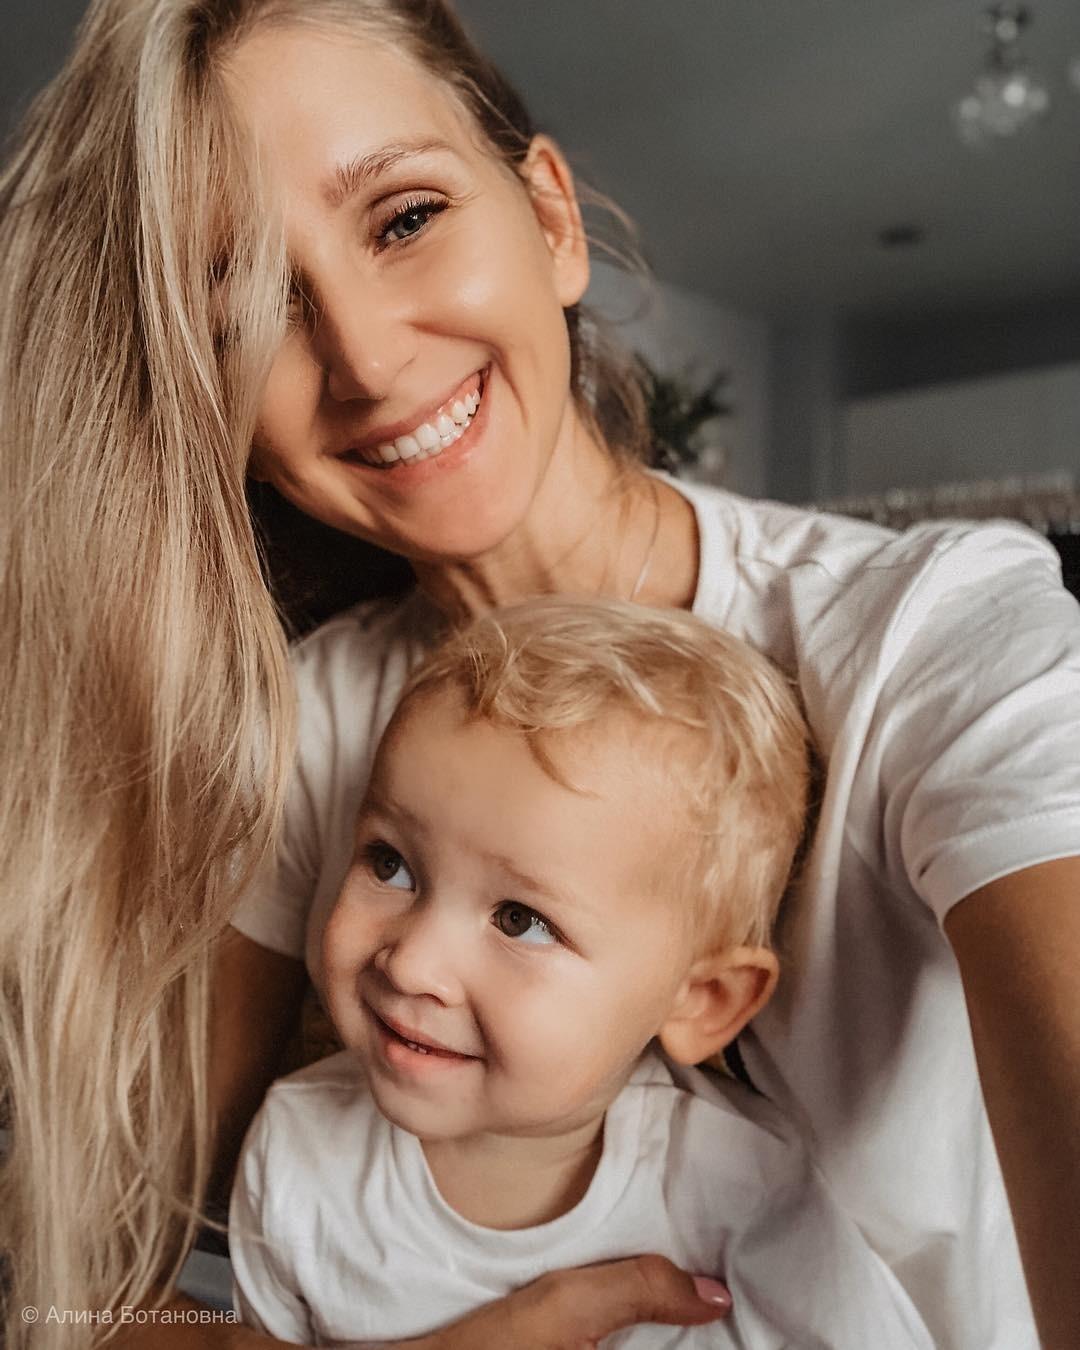 Многие родители считают, что обязанность детей — их безусловно уважать. Это верно, но только отчасти. Наделе оказывается, что часто мама ипапа неосознанно унижают малыша, неставят ни в...